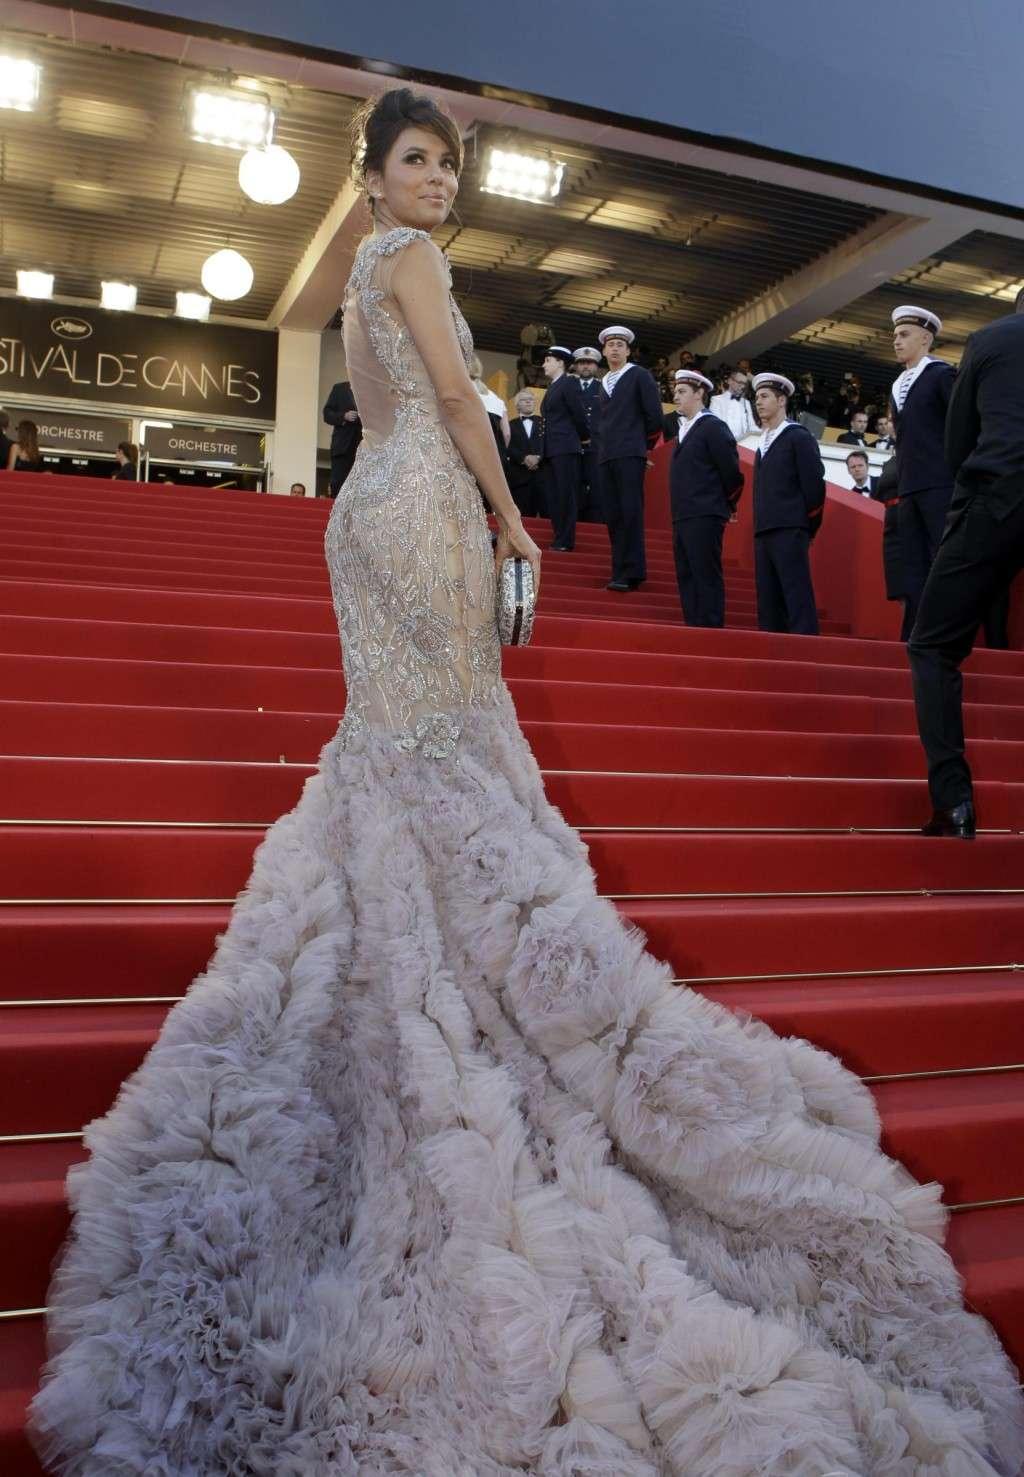 Festival del Cinema di Cannes 2012, i look della prima giornata [FOTO]